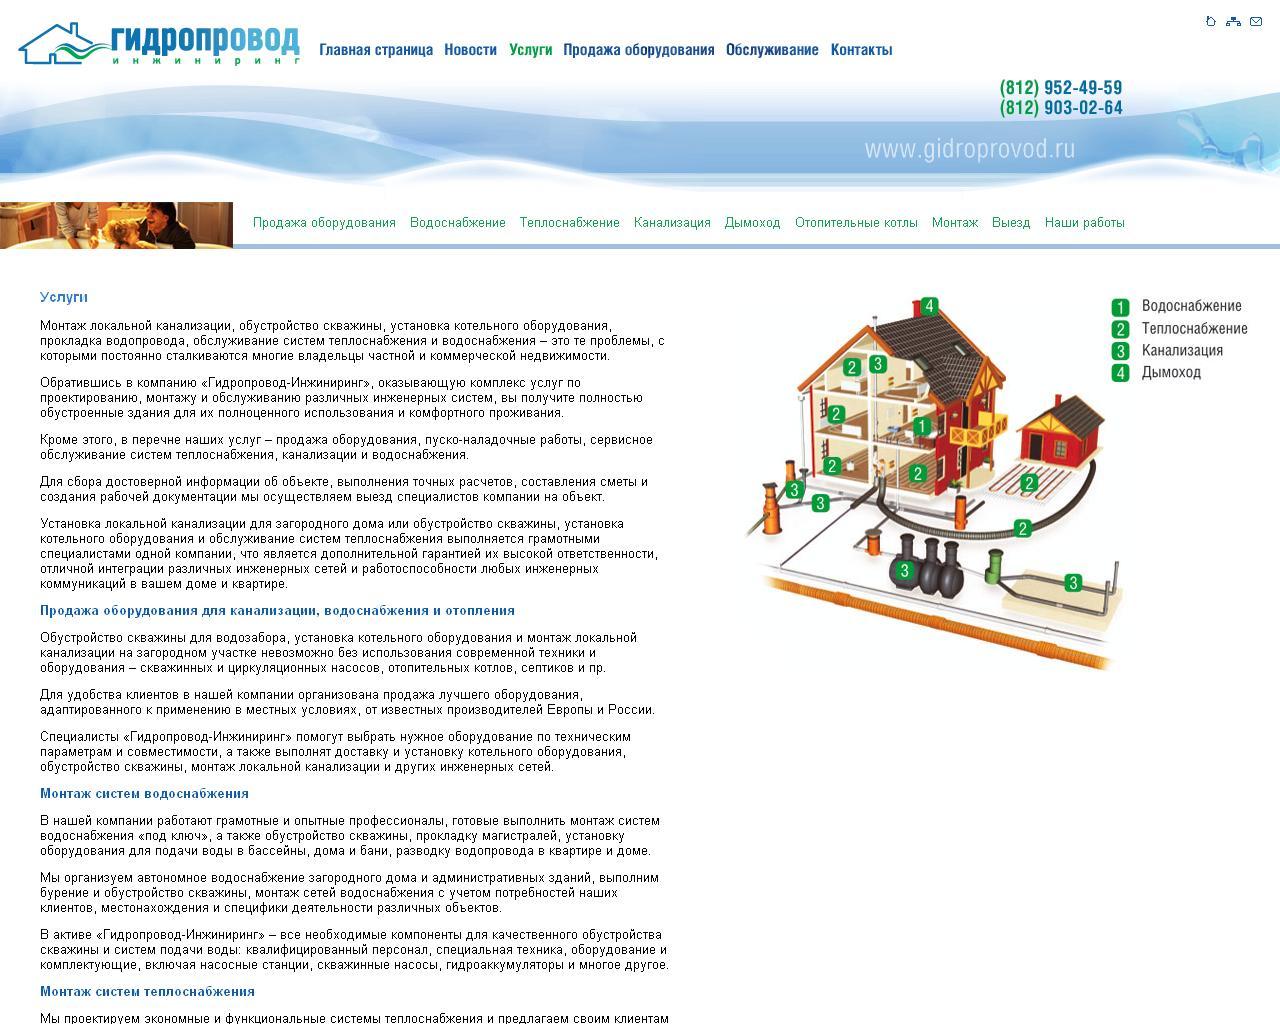 Проектирование, монтаж и обслуживание инженерных систем